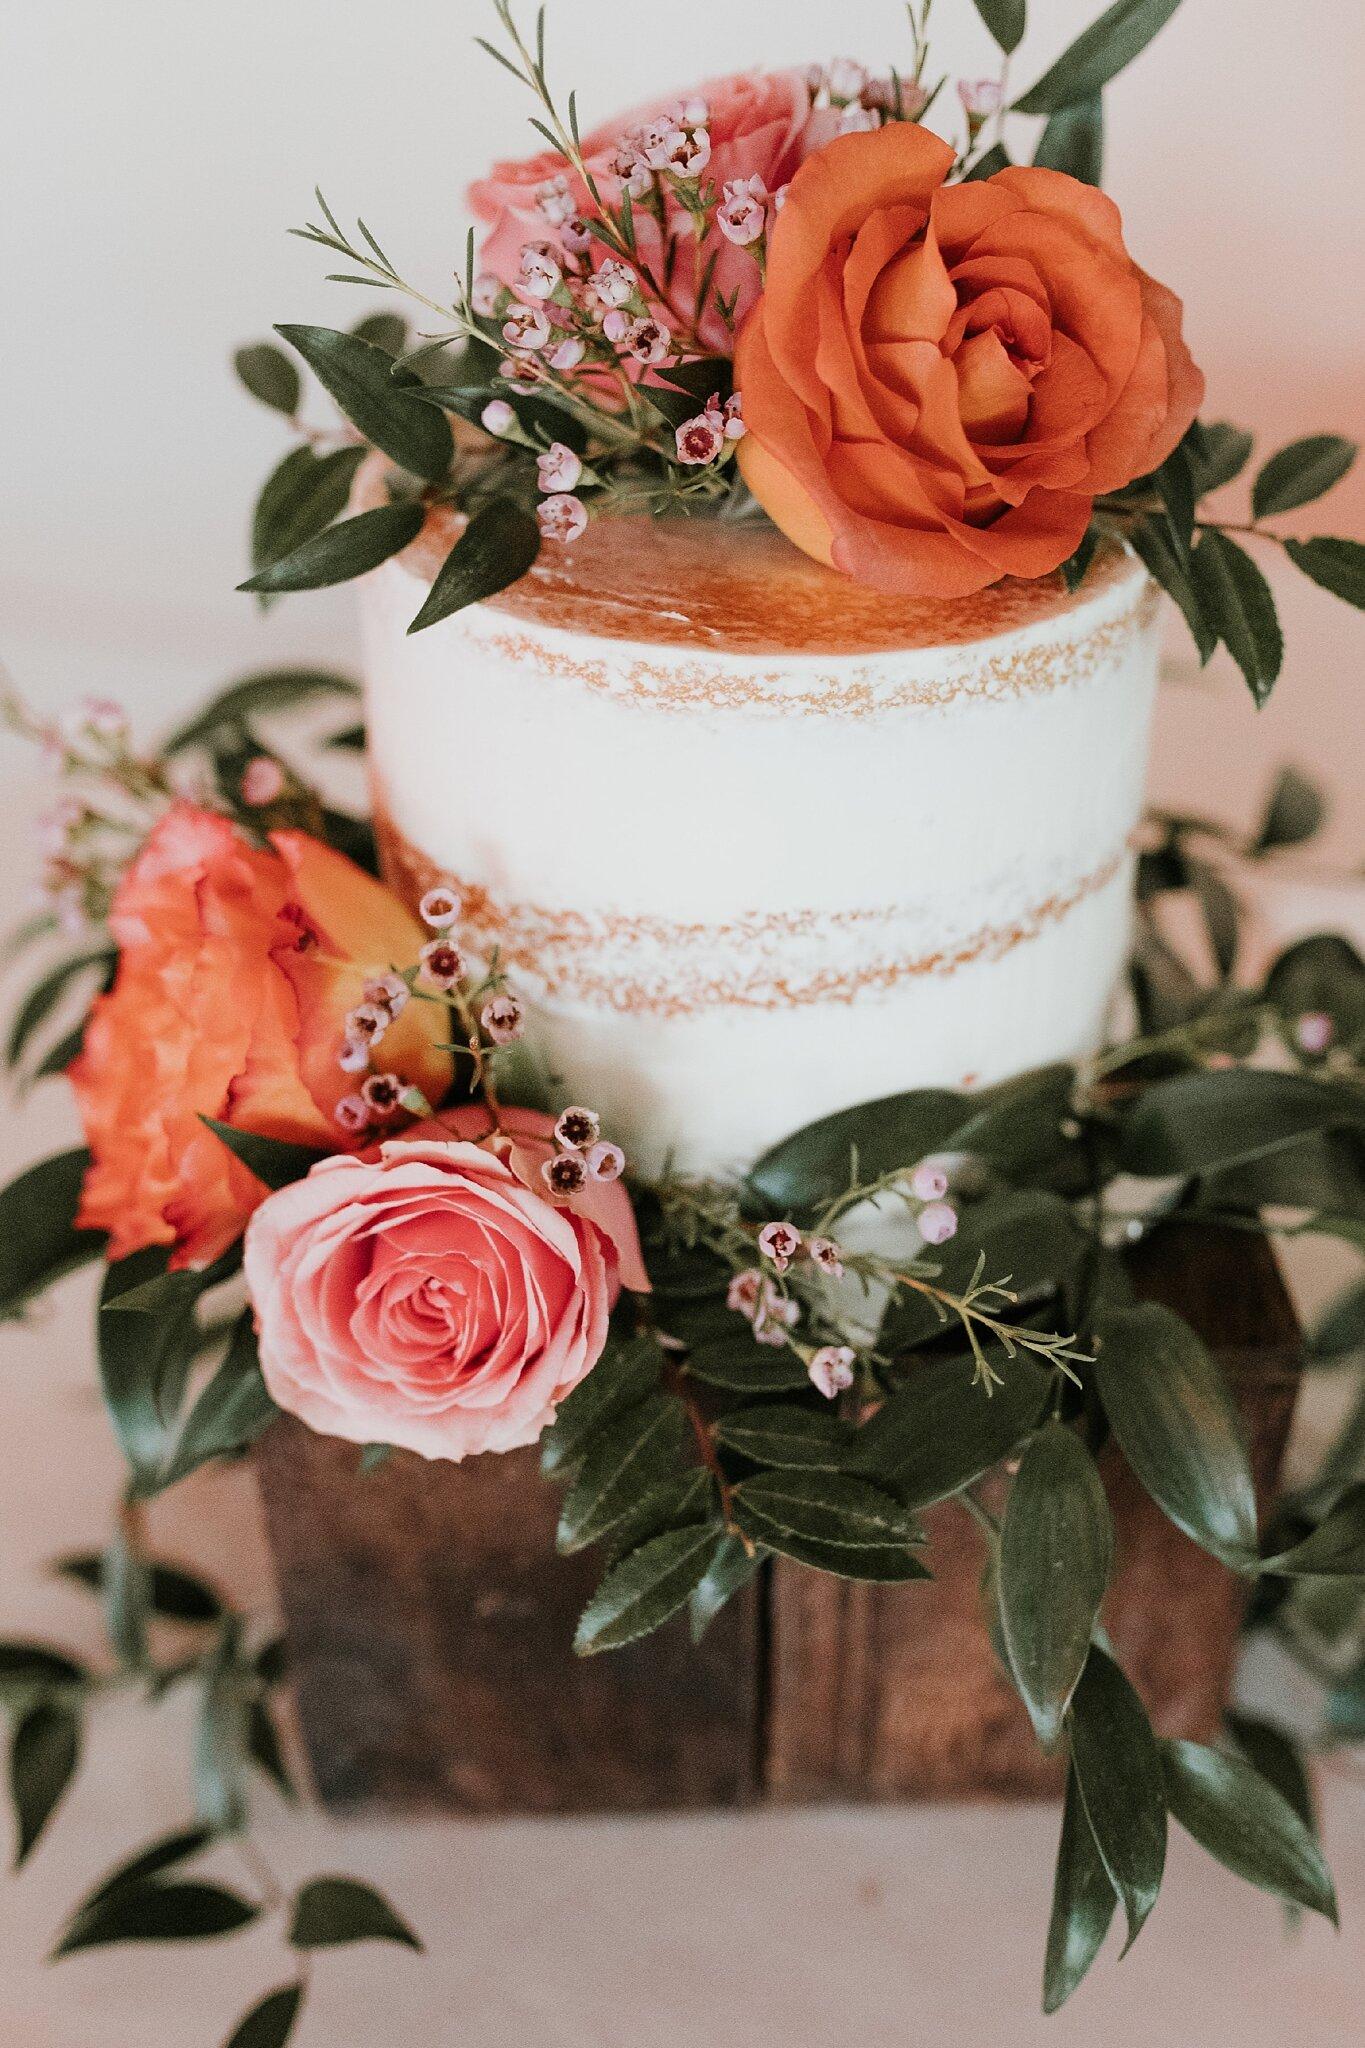 Alicia+lucia+photography+-+albuquerque+wedding+photographer+-+santa+fe+wedding+photography+-+new+mexico+wedding+photographer+-+new+mexico+wedding+-+wedding+-+wedding+cakes+-+flroal+cake+-+santa+fe+cake+-+santa+fe+baker_0014.jpg